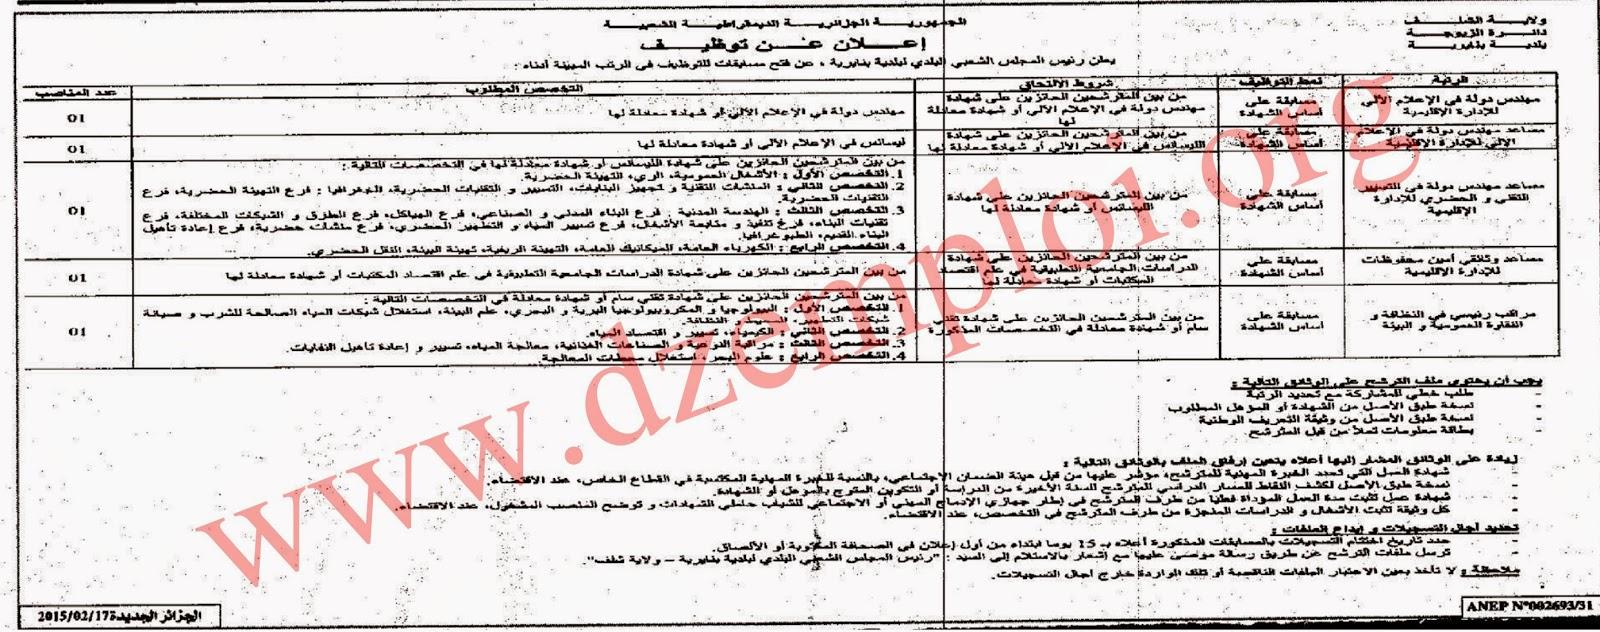 توظيف ببلدية بنايرة دائرة زبوجة ولاية الشلف فيفري 2015 1.jpg